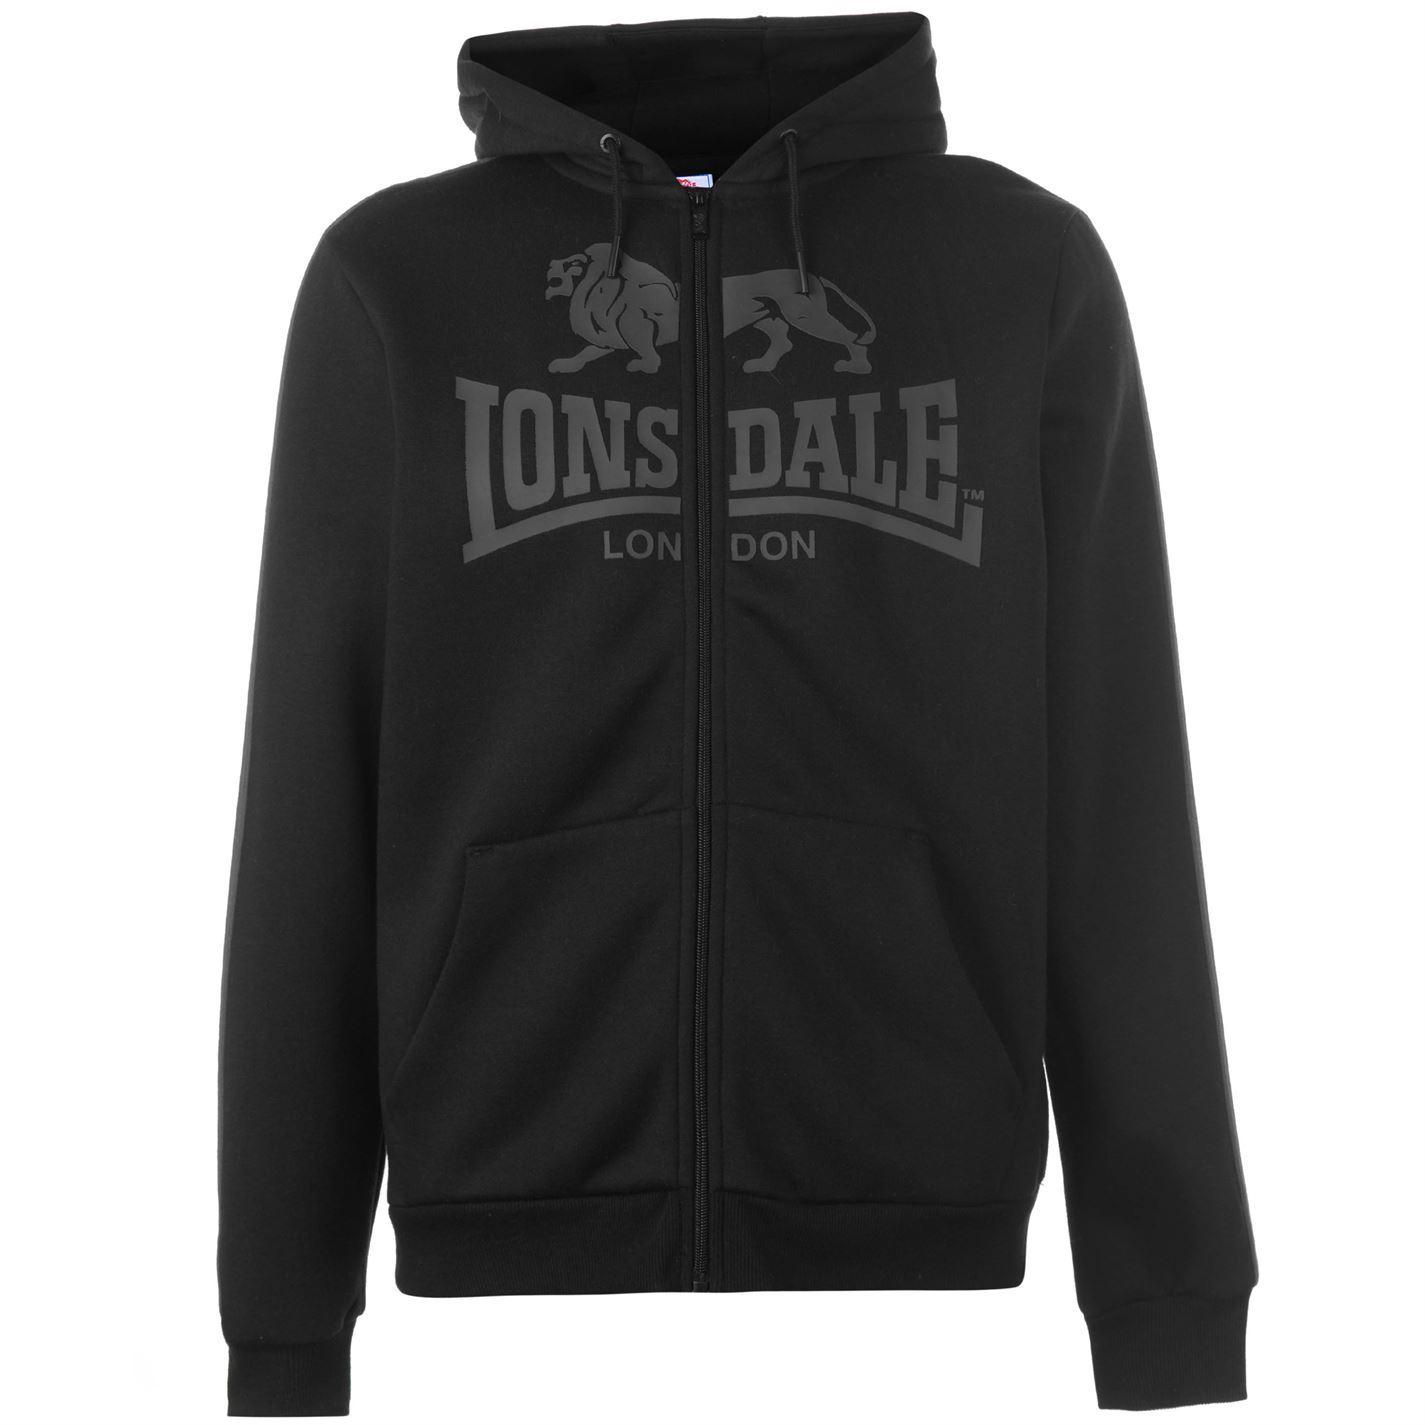 Lonsdale-2-Stripe-Logo-Full-Zip-Hoody-Mens-Hoodie-Top-Sweatshirt-Sweater thumbnail 4